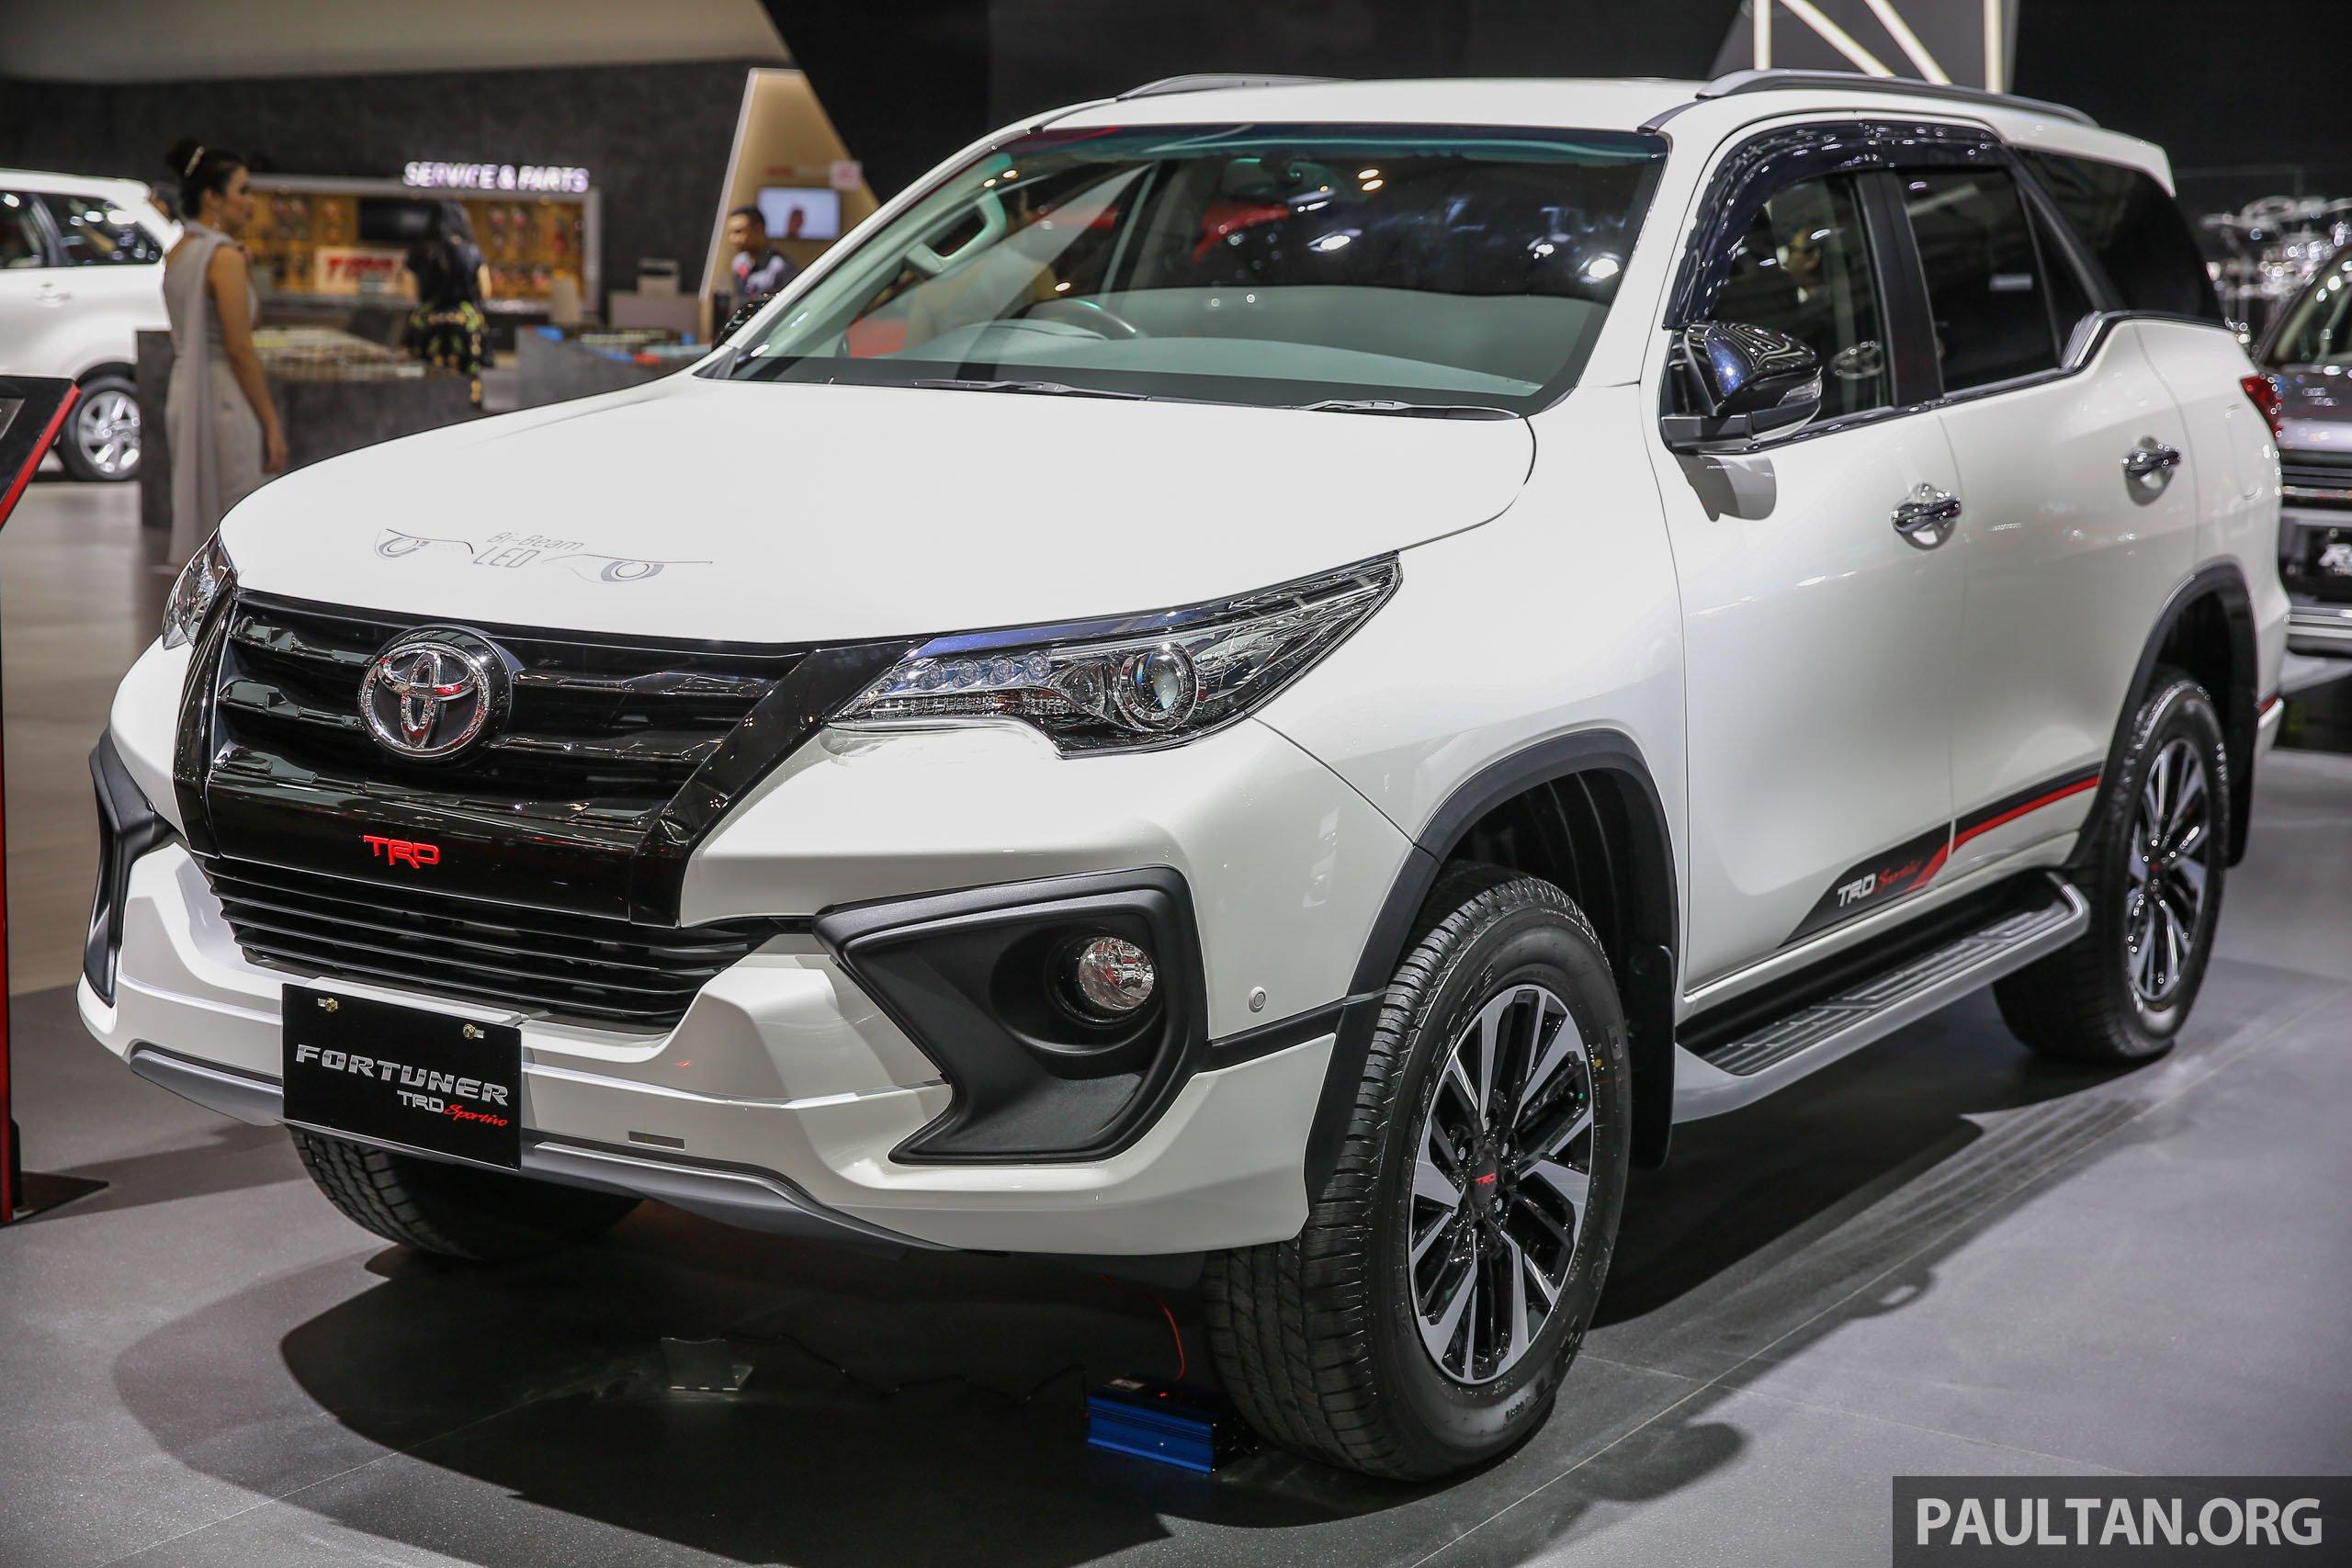 GIIAS 2017 Toyota Fortuner TRD Sportivo Indo Spec Image